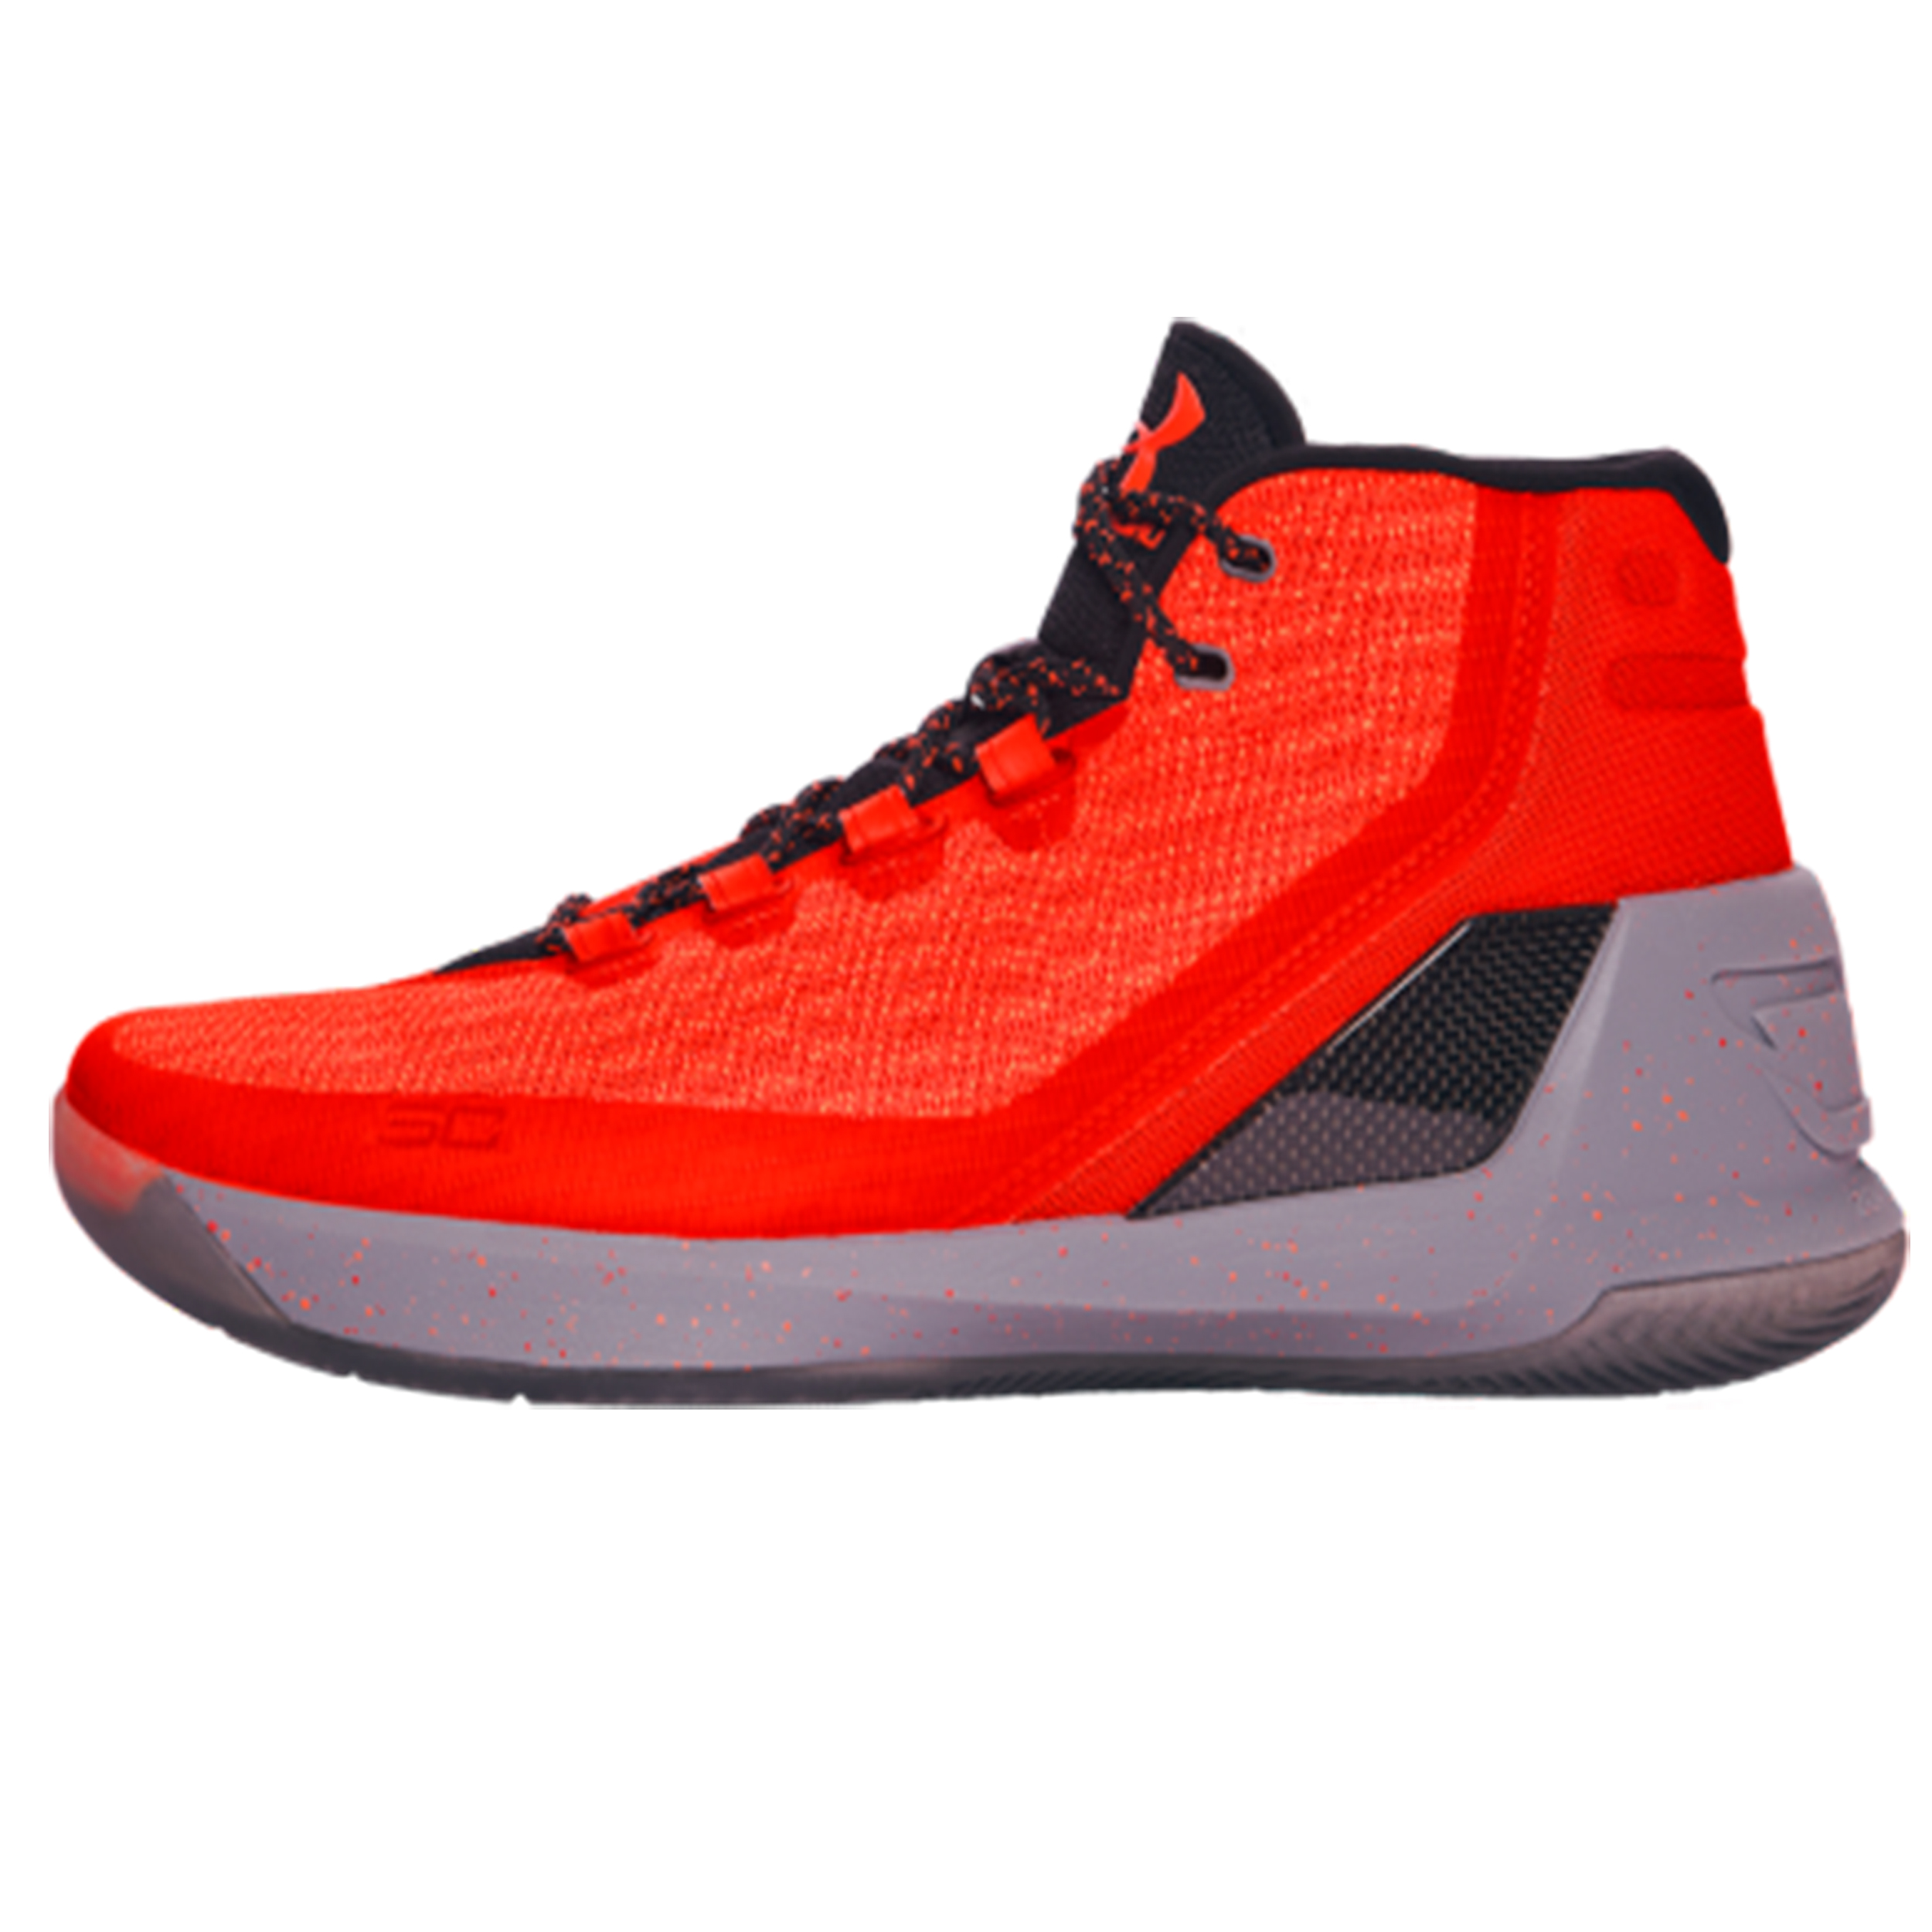 کفش بسکتبال آندر آرمور مدل UA Curry 3